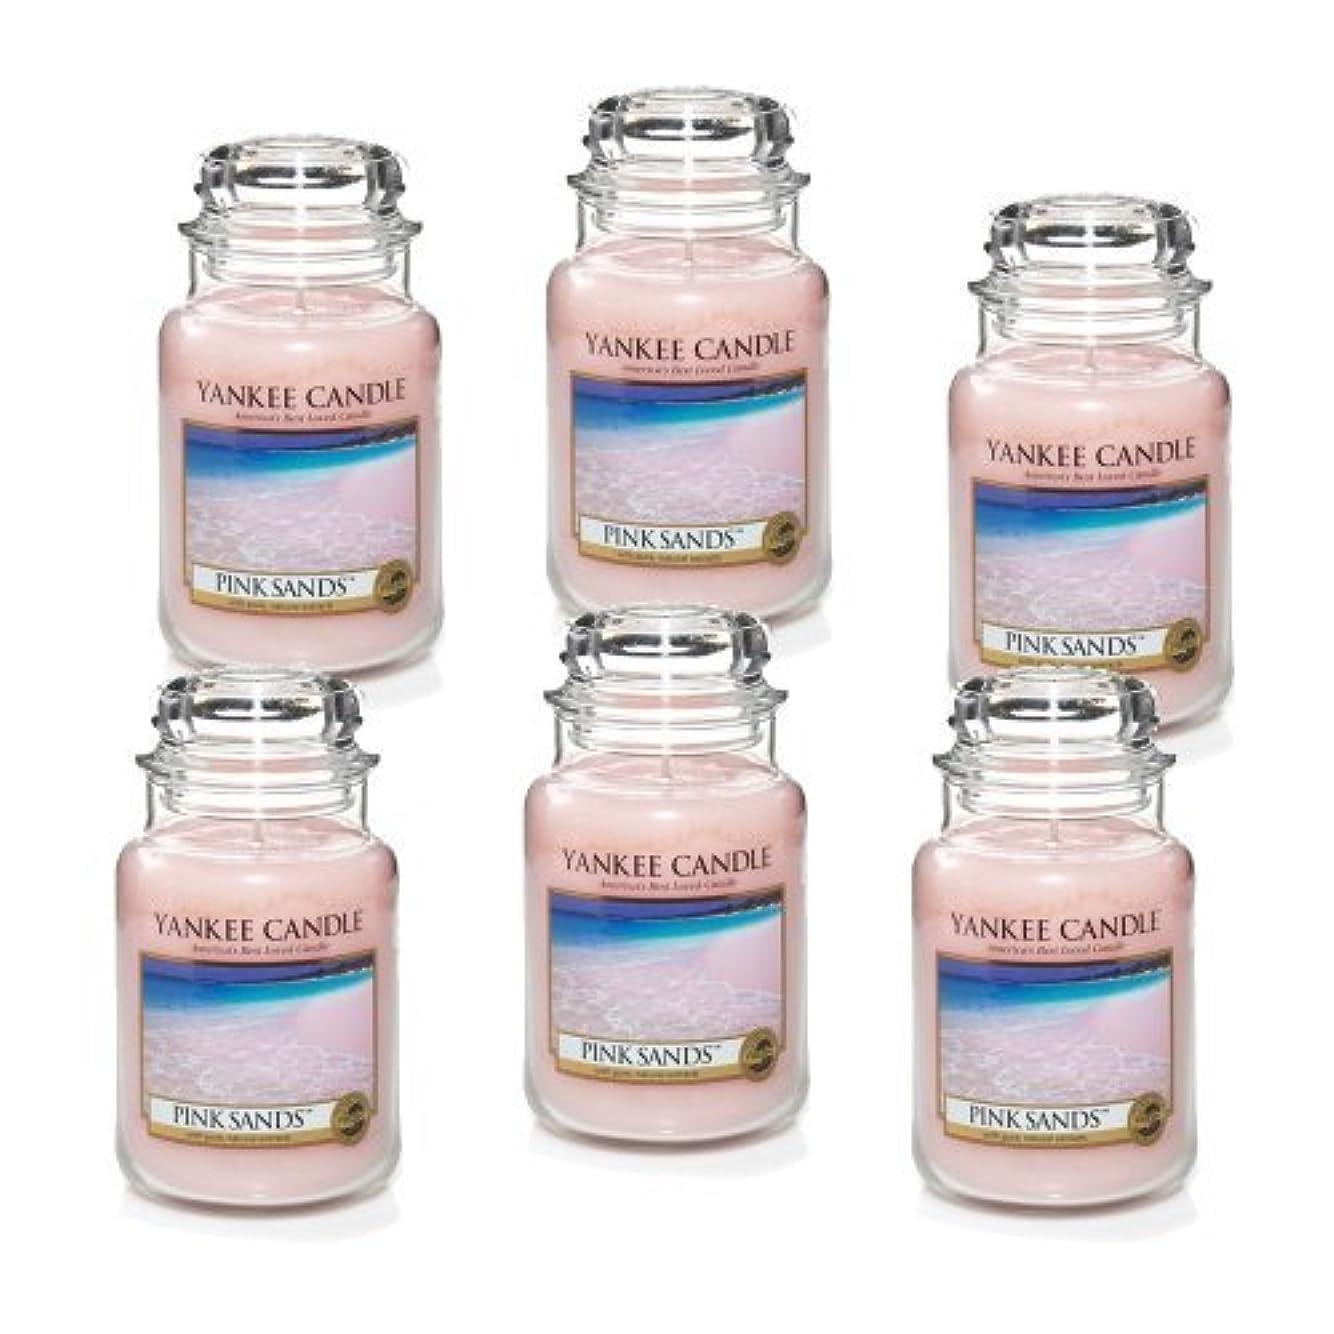 そのようなマリナー業界Yankee Candle Company 22-Ounce Pink Sands Jar Candle, Large, Set of 6 by Amazon source [並行輸入品]